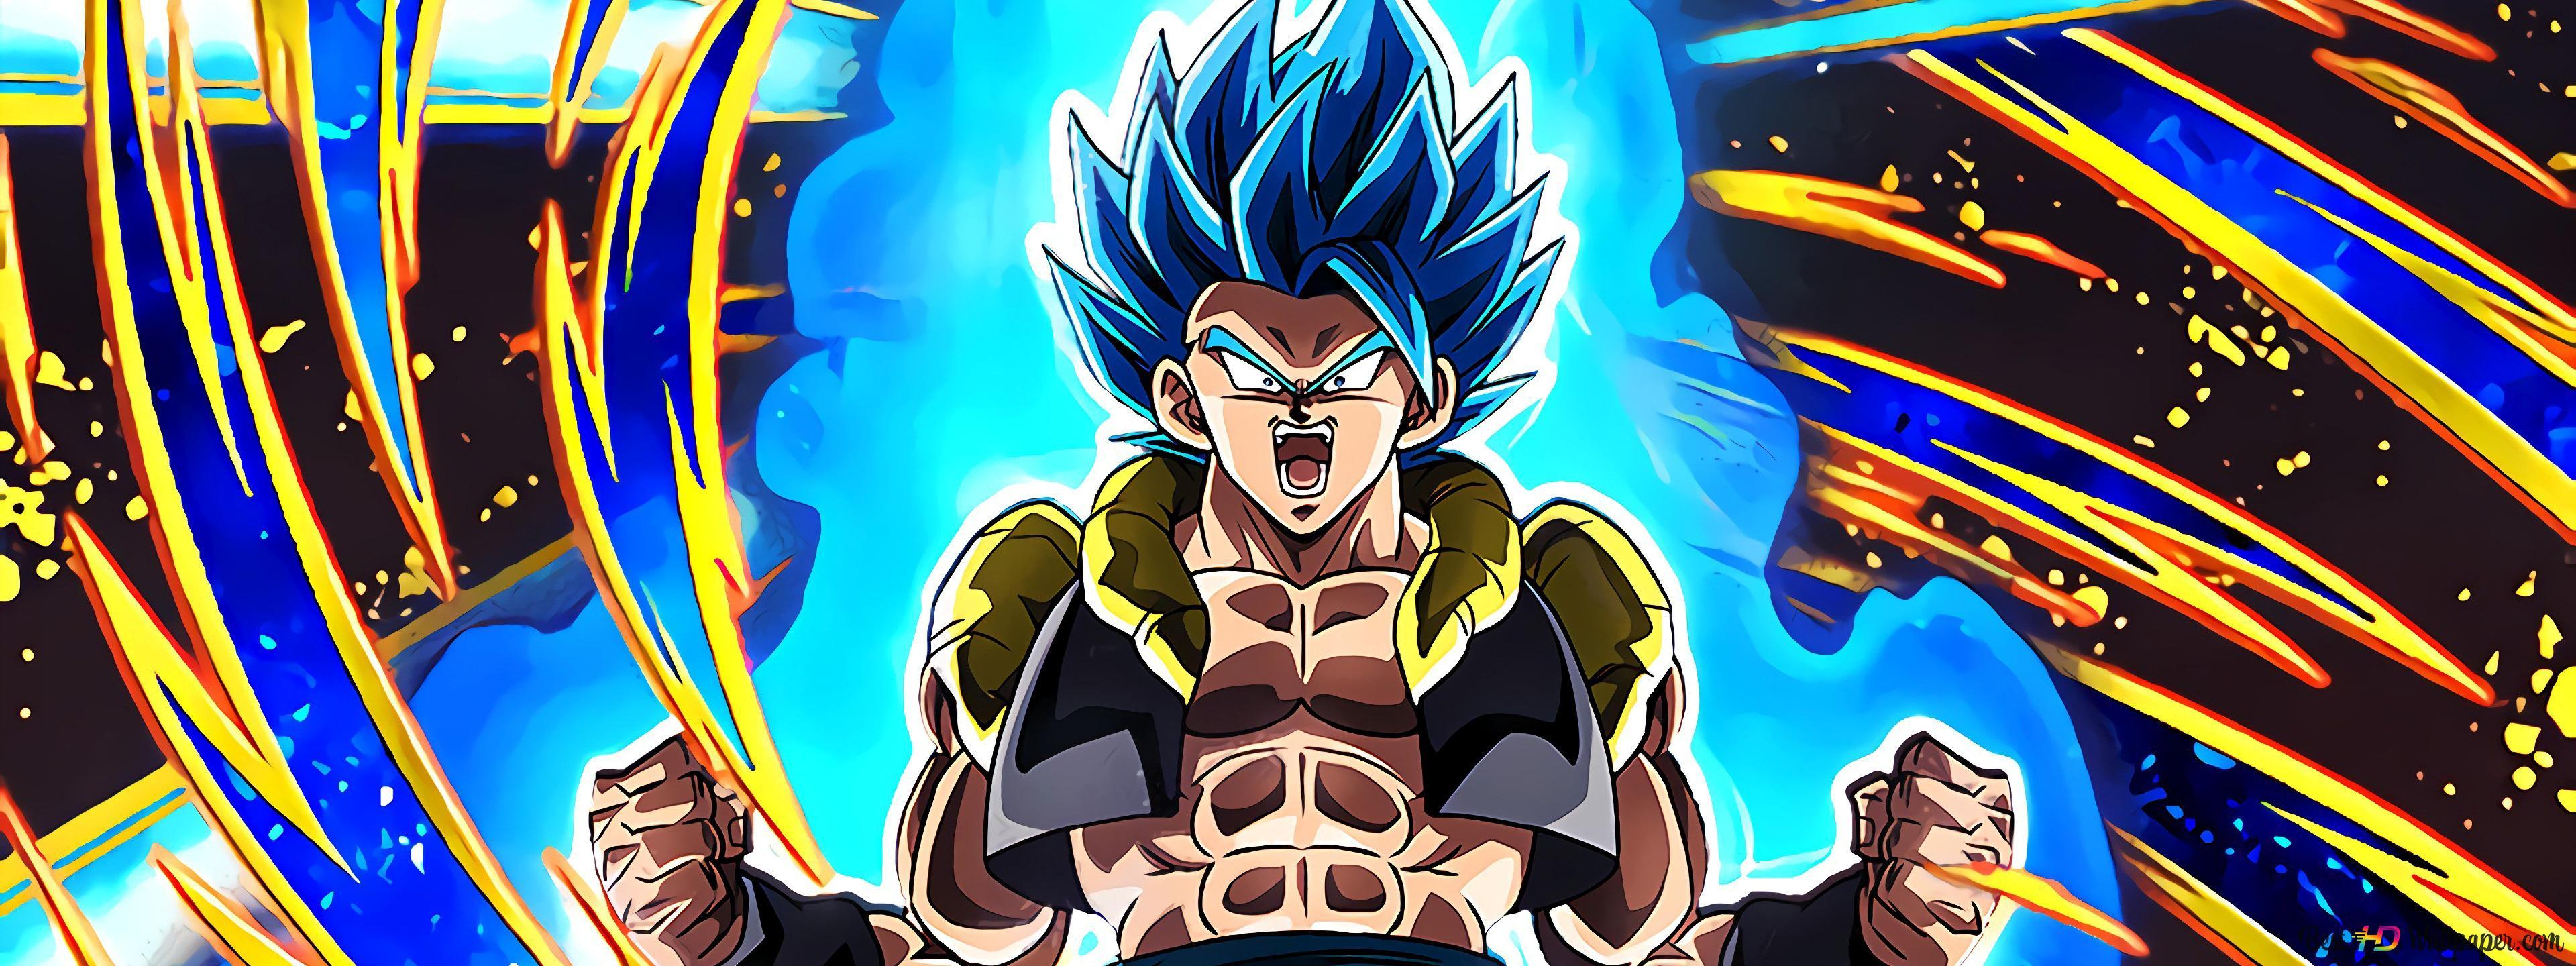 Dragon Ball Super Broly Movie Gogeta Hd Wallpaper Download